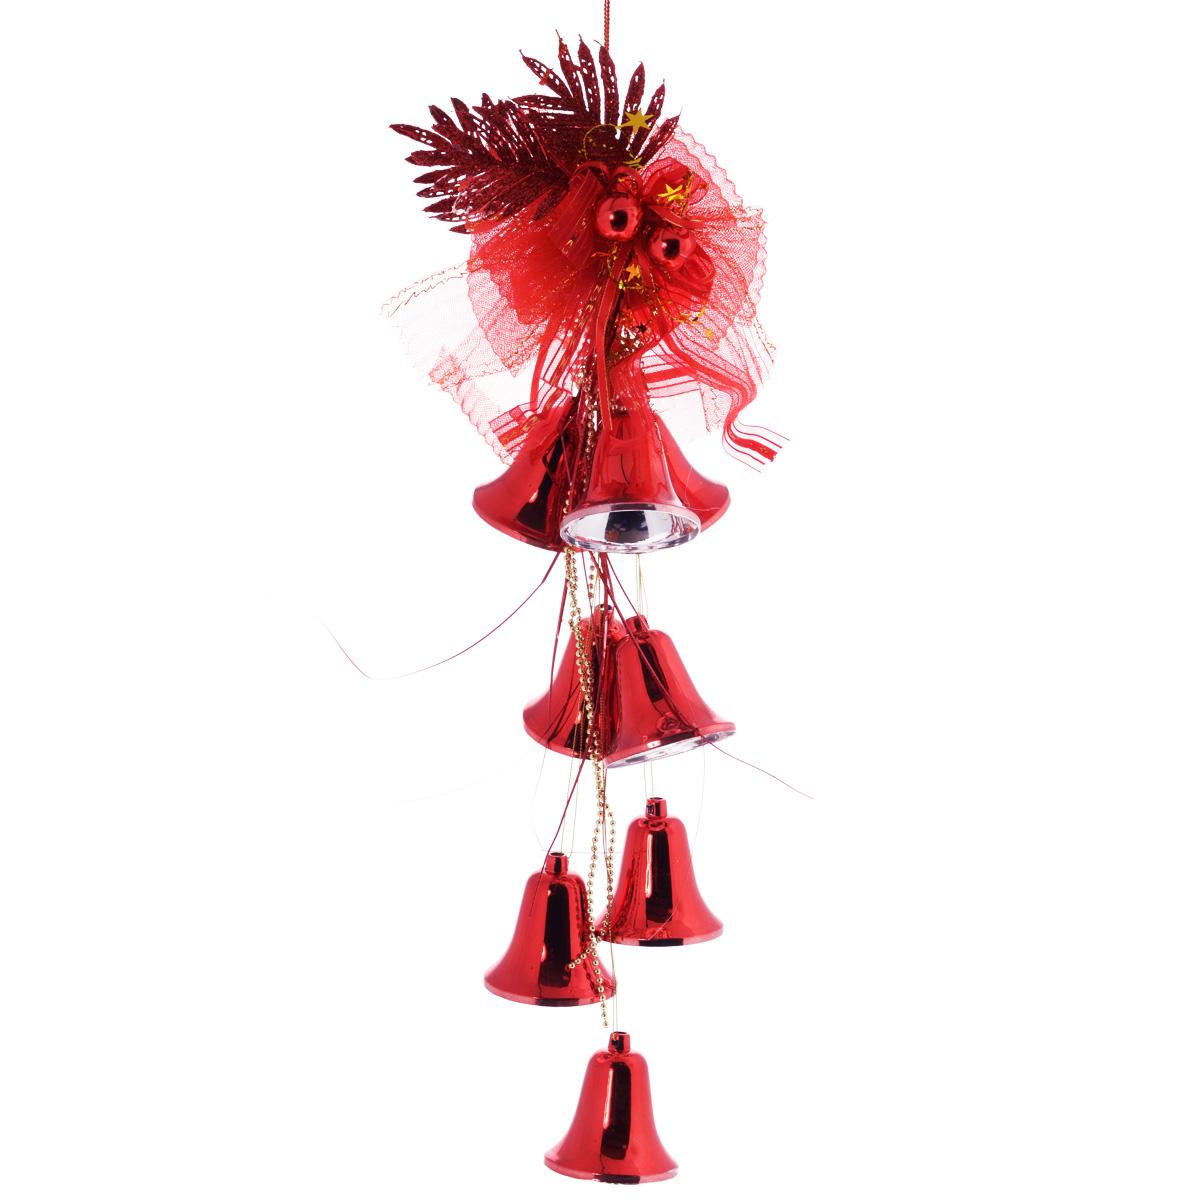 Новогоднее подвесное украшение Sima-land Колокольчики, цвет: красный, длина 58 см. 815818815818красныНовогоднее украшение Sima-land Колокольчики отлично подойдет для декорации вашего дома и новогодней ели. Украшение выполнено в виде декоративной подвесной композиции из текстильного банта, пластиковых веток, бус, колокольчиков и шаров. Украшение оснащено текстильной петелькой для подвешивания. Елочная игрушка - символ Нового года. Она несет в себе волшебство и красоту праздника. Создайте в своем доме атмосферу веселья и радости, украшая всей семьей новогоднюю елку нарядными игрушками, которые будут из года в год накапливать теплоту воспоминаний.